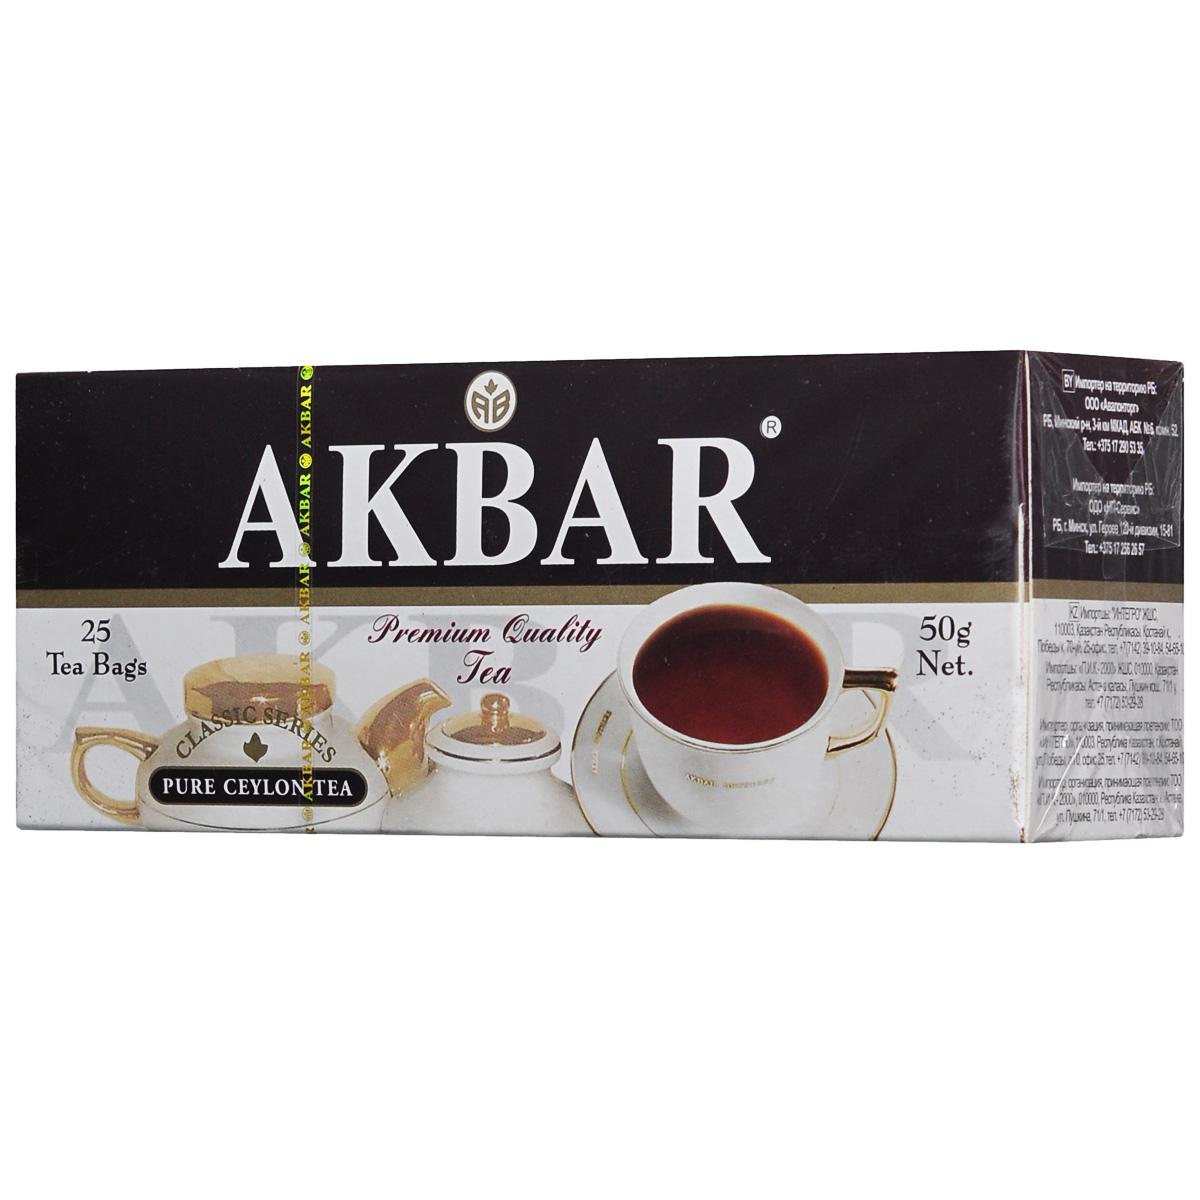 Akbar Классическая серия черный чай в пакетиках, 25 шт1050020Приверженность вековым традициям, неизменное постоянство вкуса и качества - вот секрет популярности чая Akbar Классическая серия у многих поколений любителей чая во всем мире. Выращенный исключительно на элитных плантациях Шри-Ланки, он объединяет в себе все лучшее, чем славится настоящий цейлонский чай: богатый аромат, тонизирующий вкус, неповторимая свежесть, насыщенный цвет настоя.